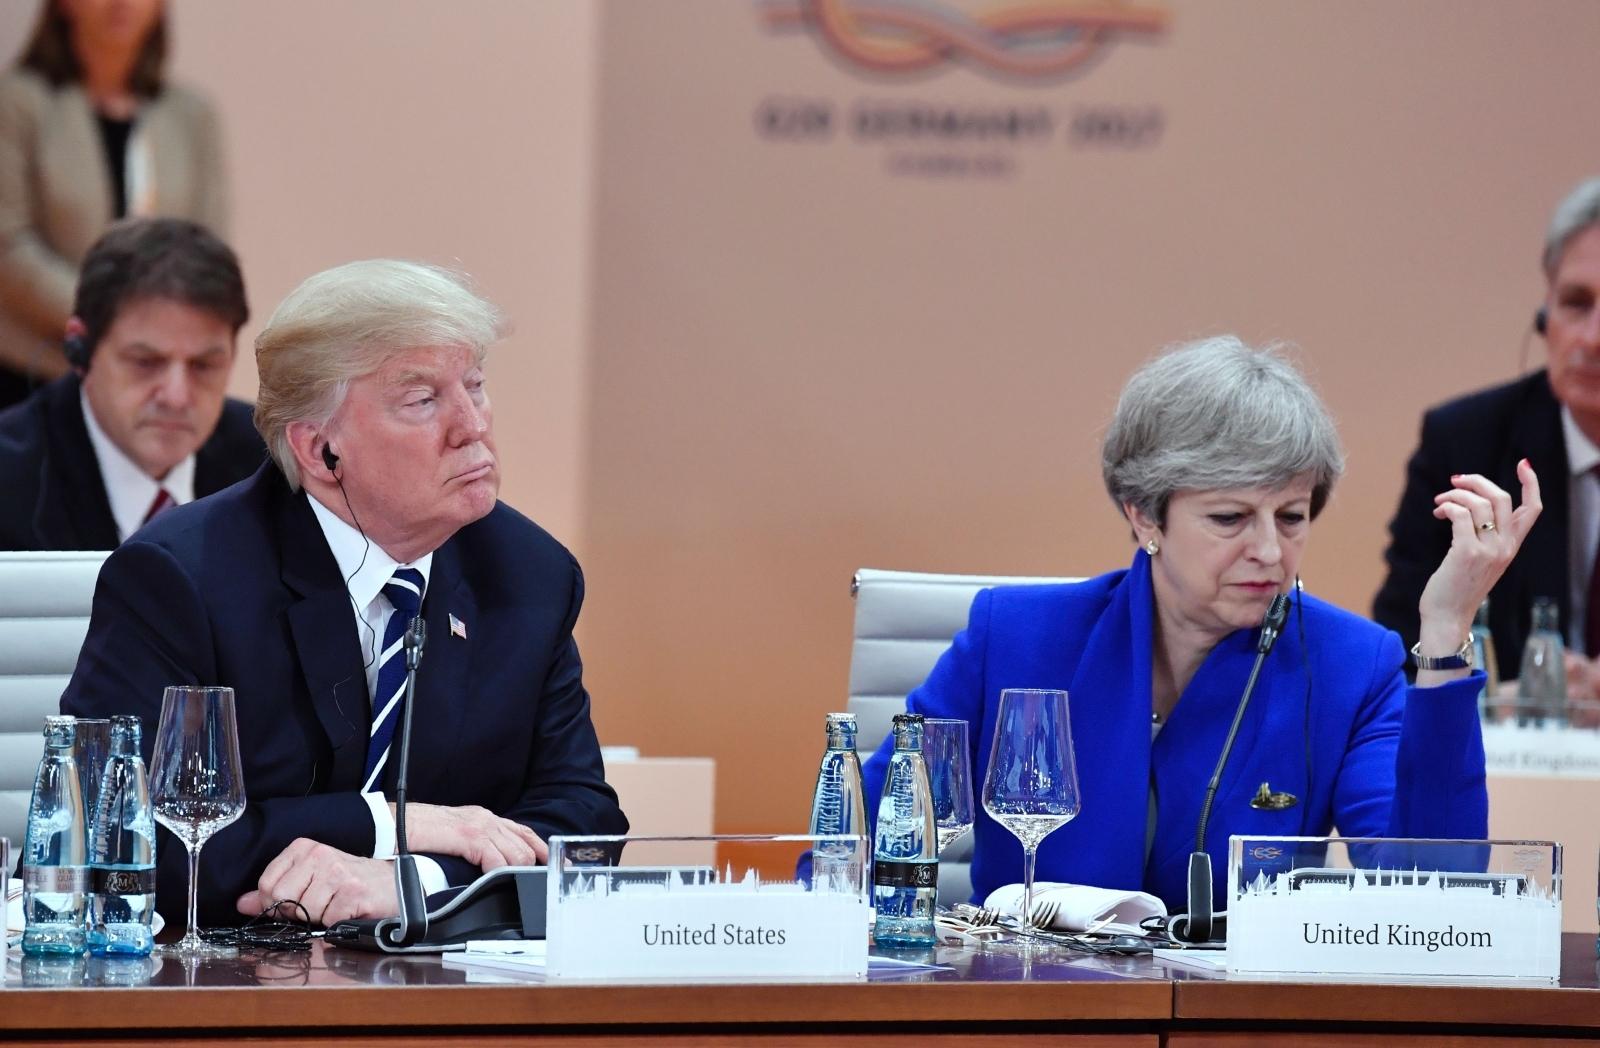 Donald Trump tells Theresa May he won't visit the UK unless she bans protests